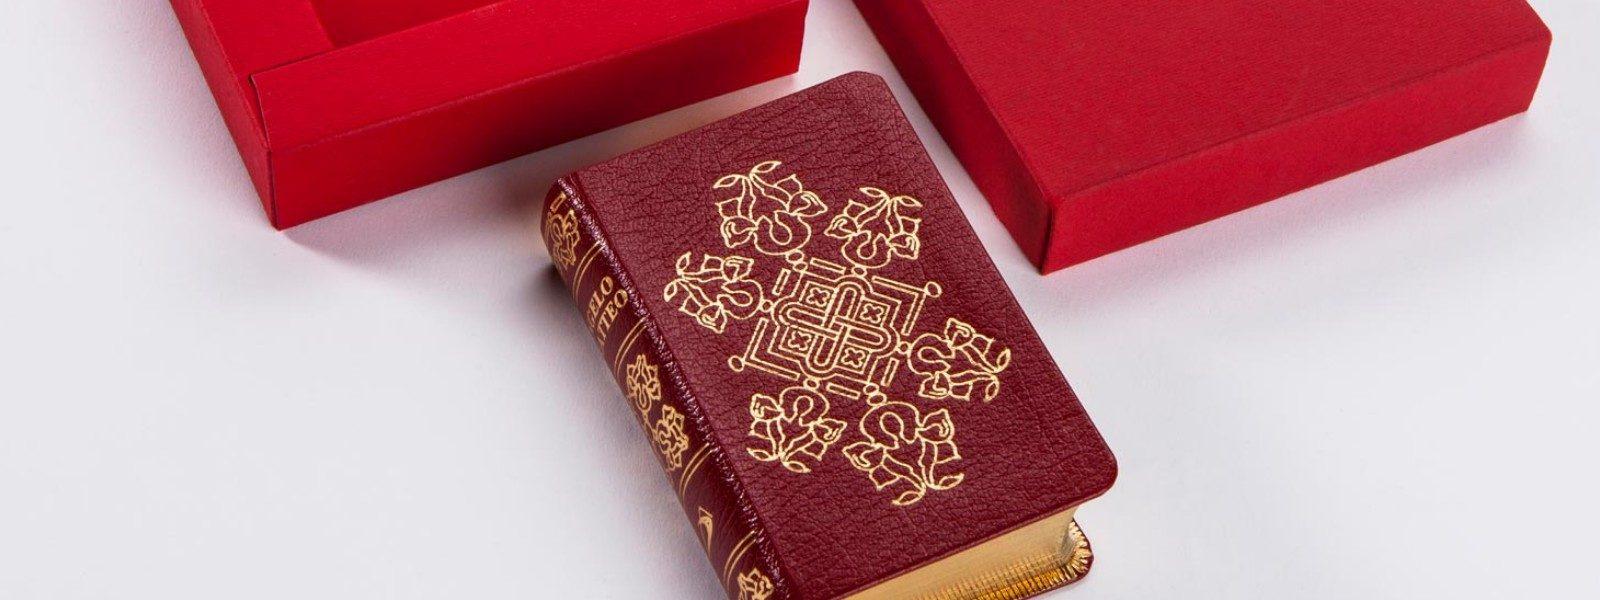 Realizzazione manoscritti fac simile